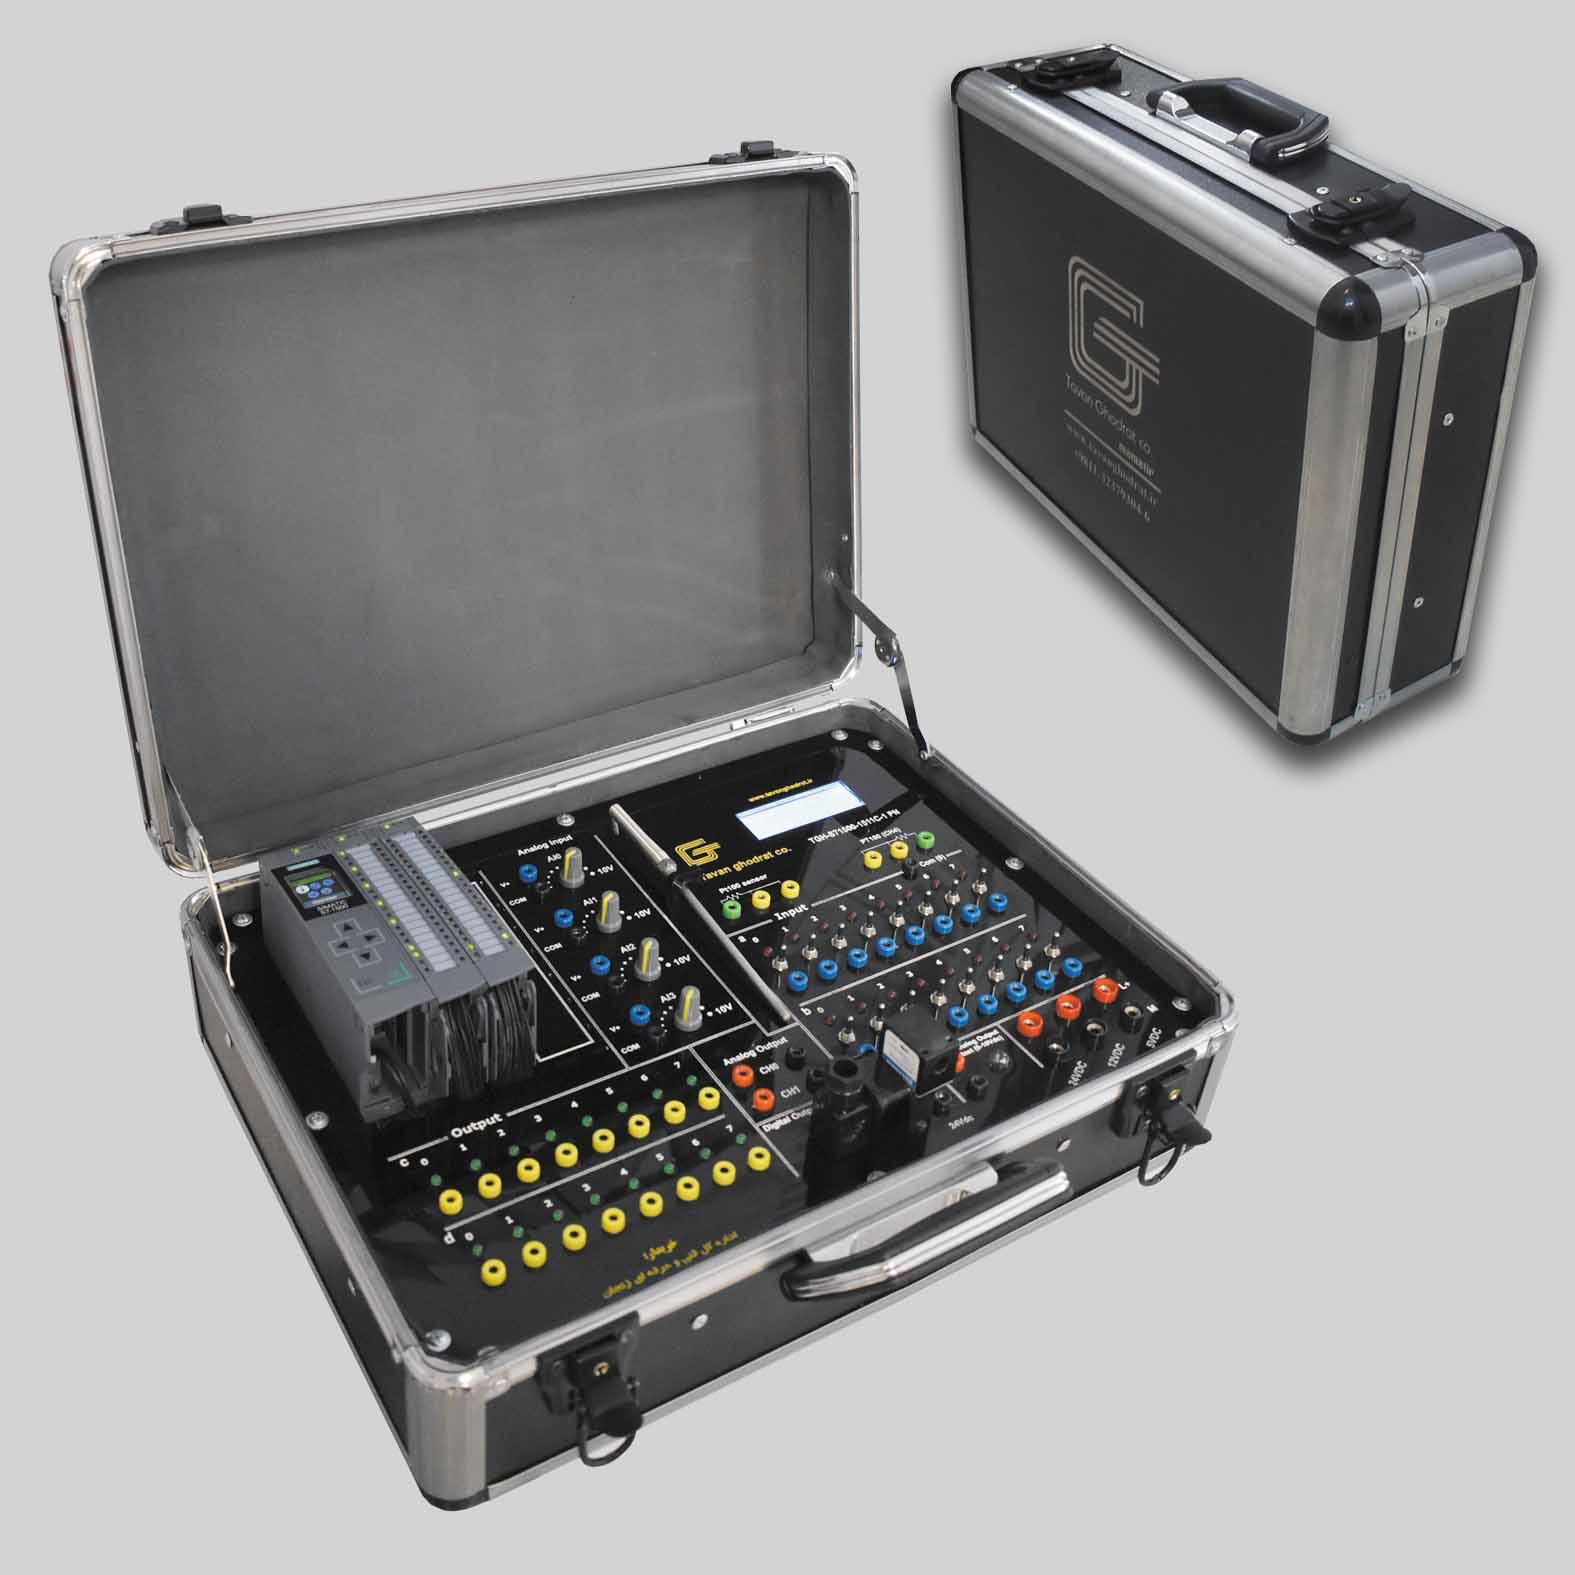 مجموعه آموزشی PLC S71500